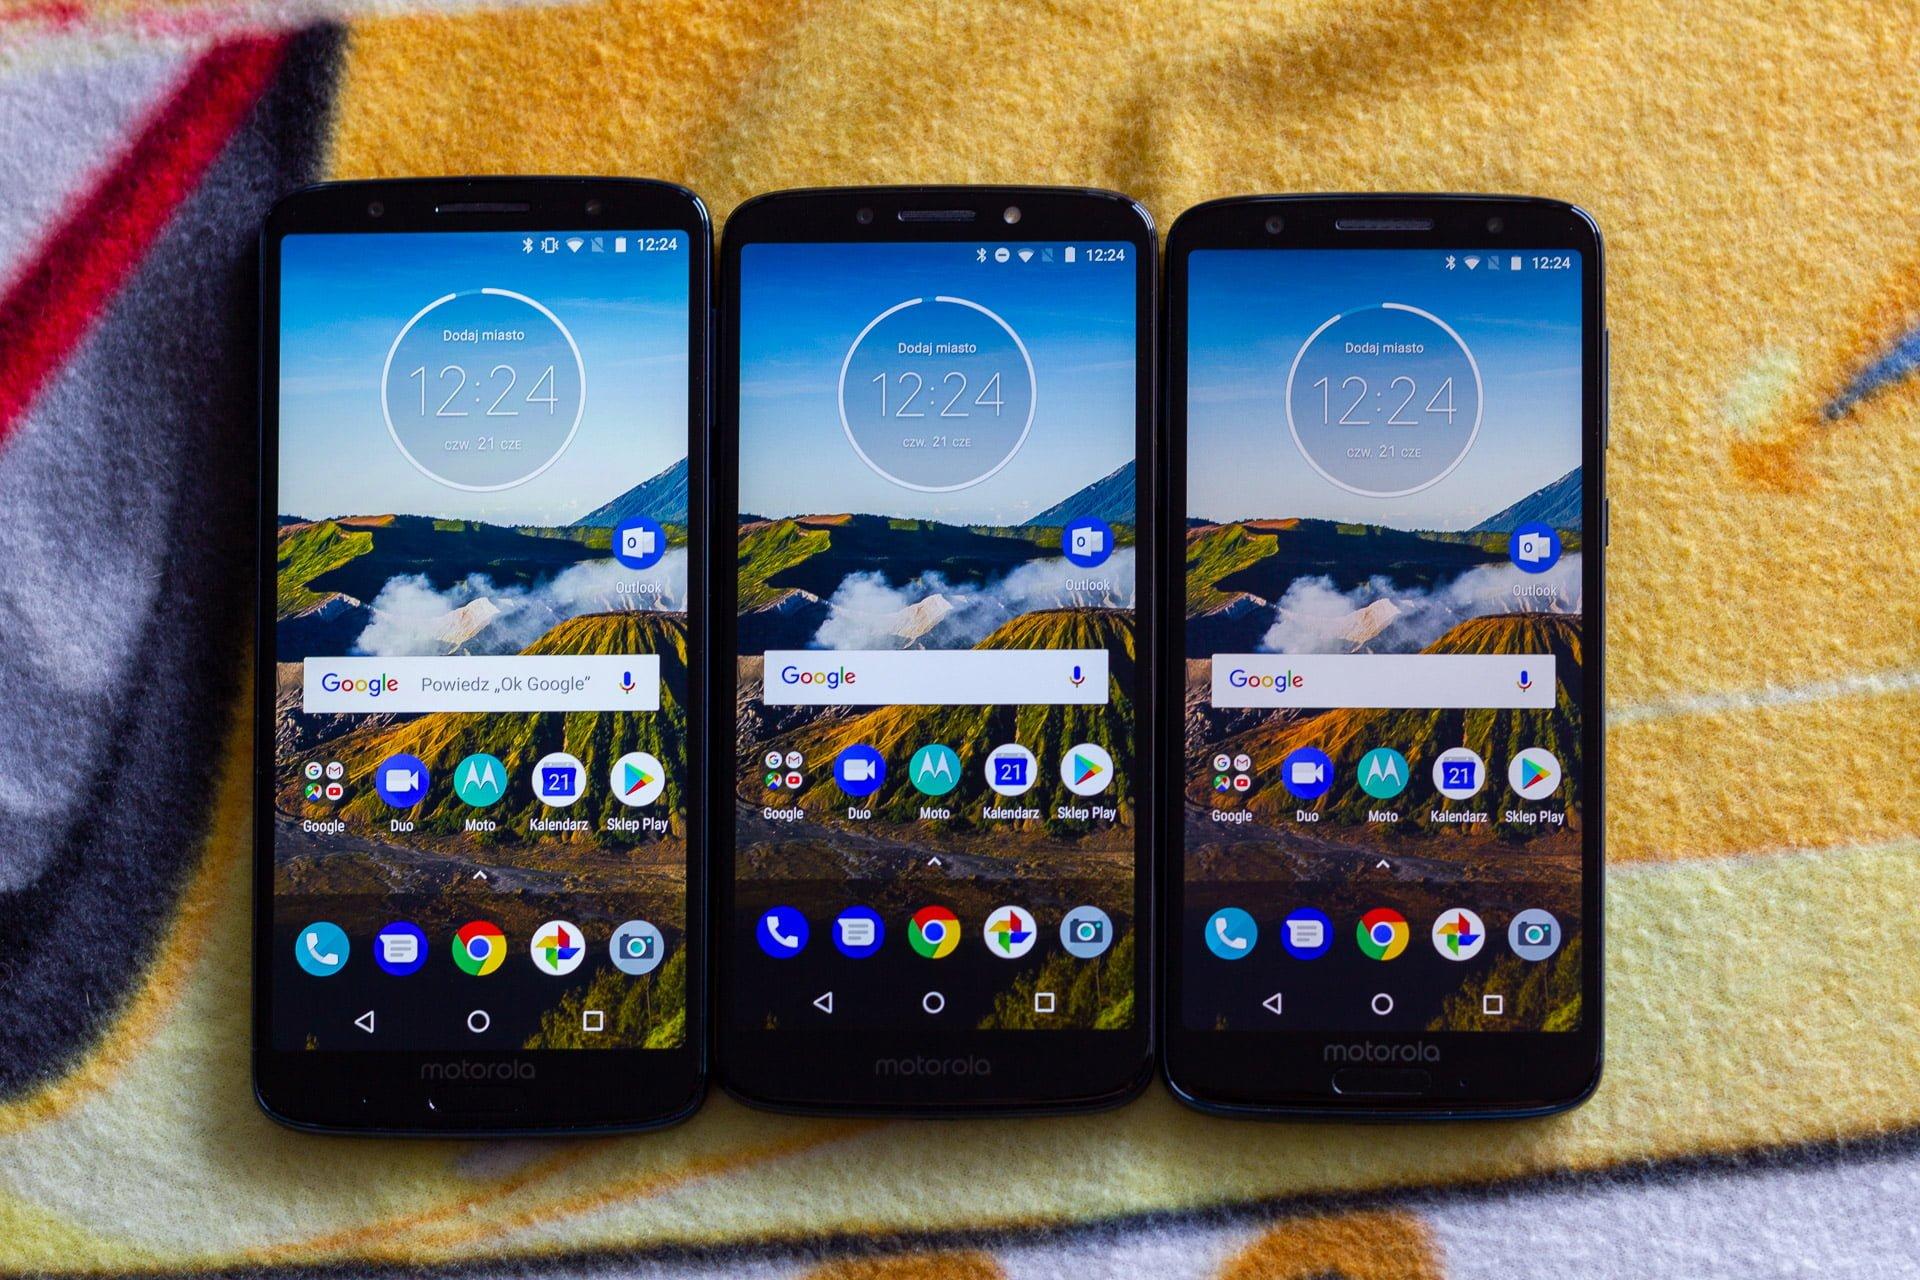 Porównaliśmy ze sobą smartfony z najnowszej serii Moto G: Moto G6, Moto G6 Play i Moto G6 Plus. Który z nich najlepiej kupić? 19